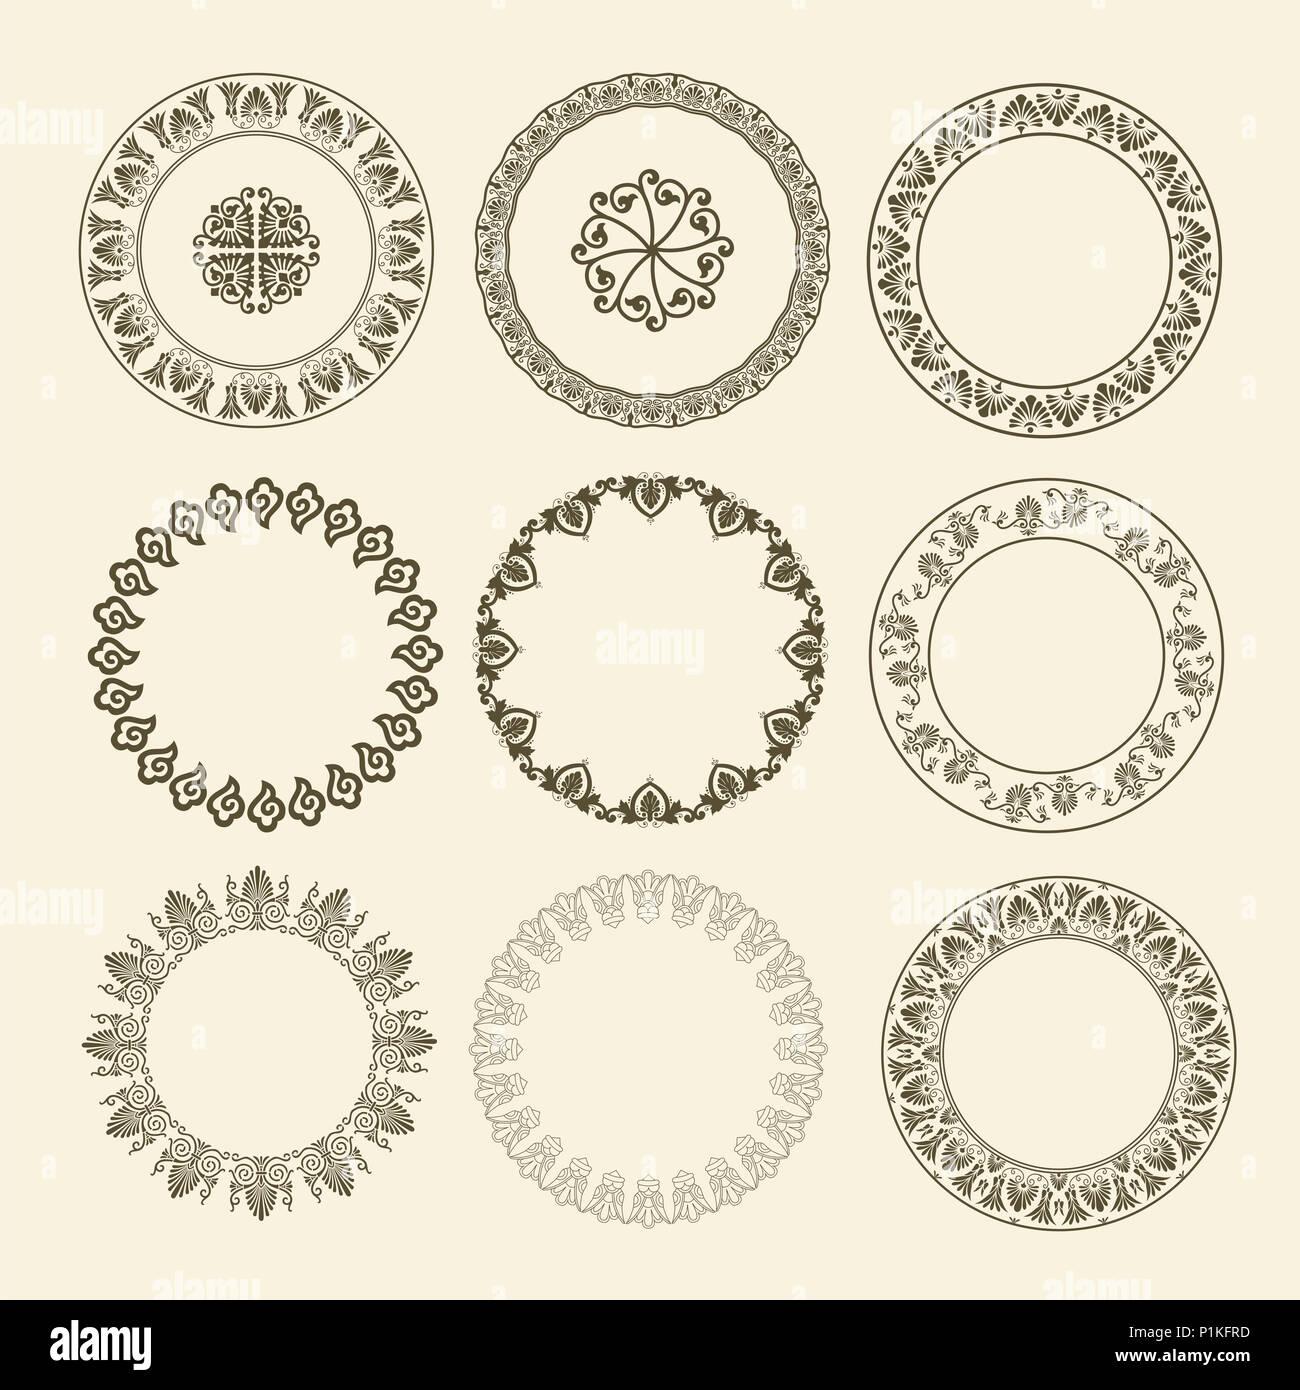 Nationale Griechische Antike runde Muster. Kreis ornament Mäander ...